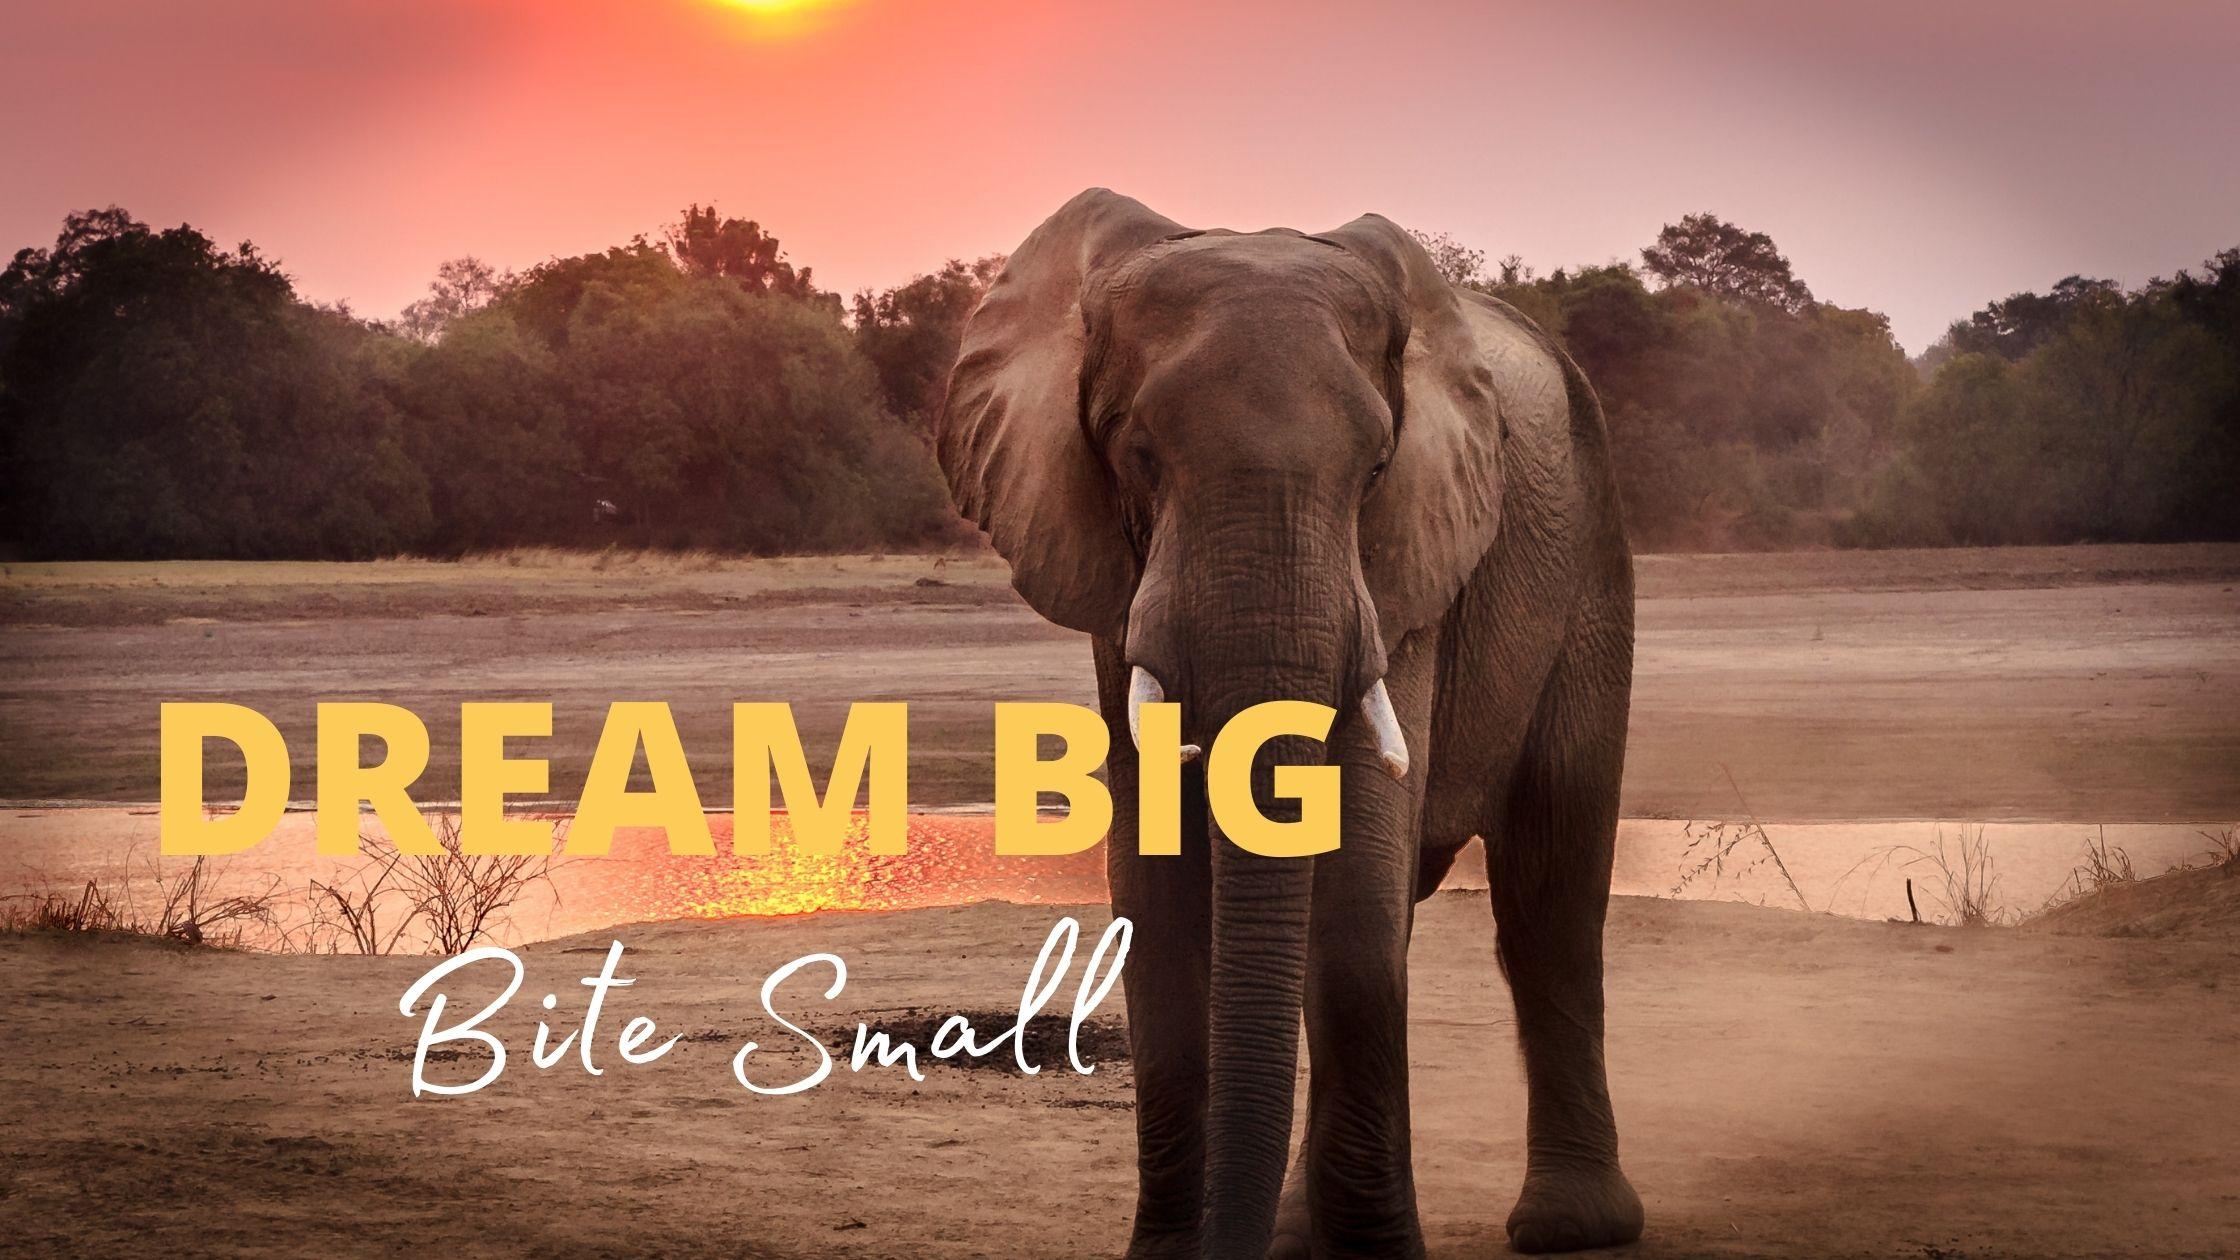 Dream Big - bite small